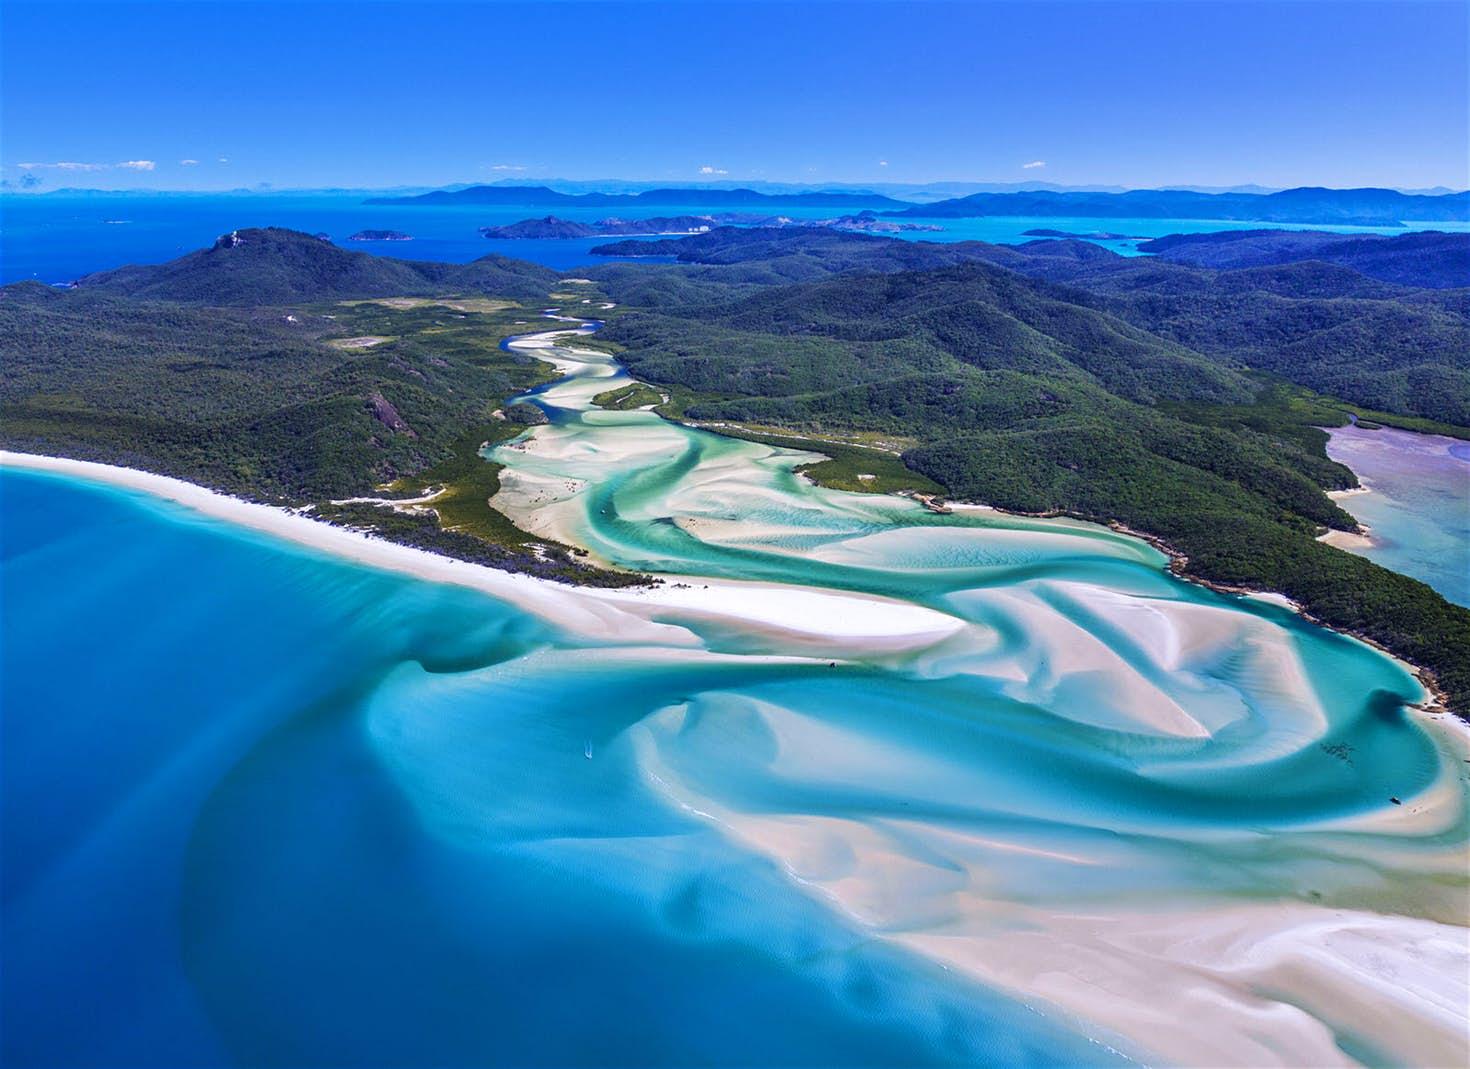 Whitehaven Beach, Ausztrália – A Karib-tenger kalózai: Salazar bosszúja (2017)